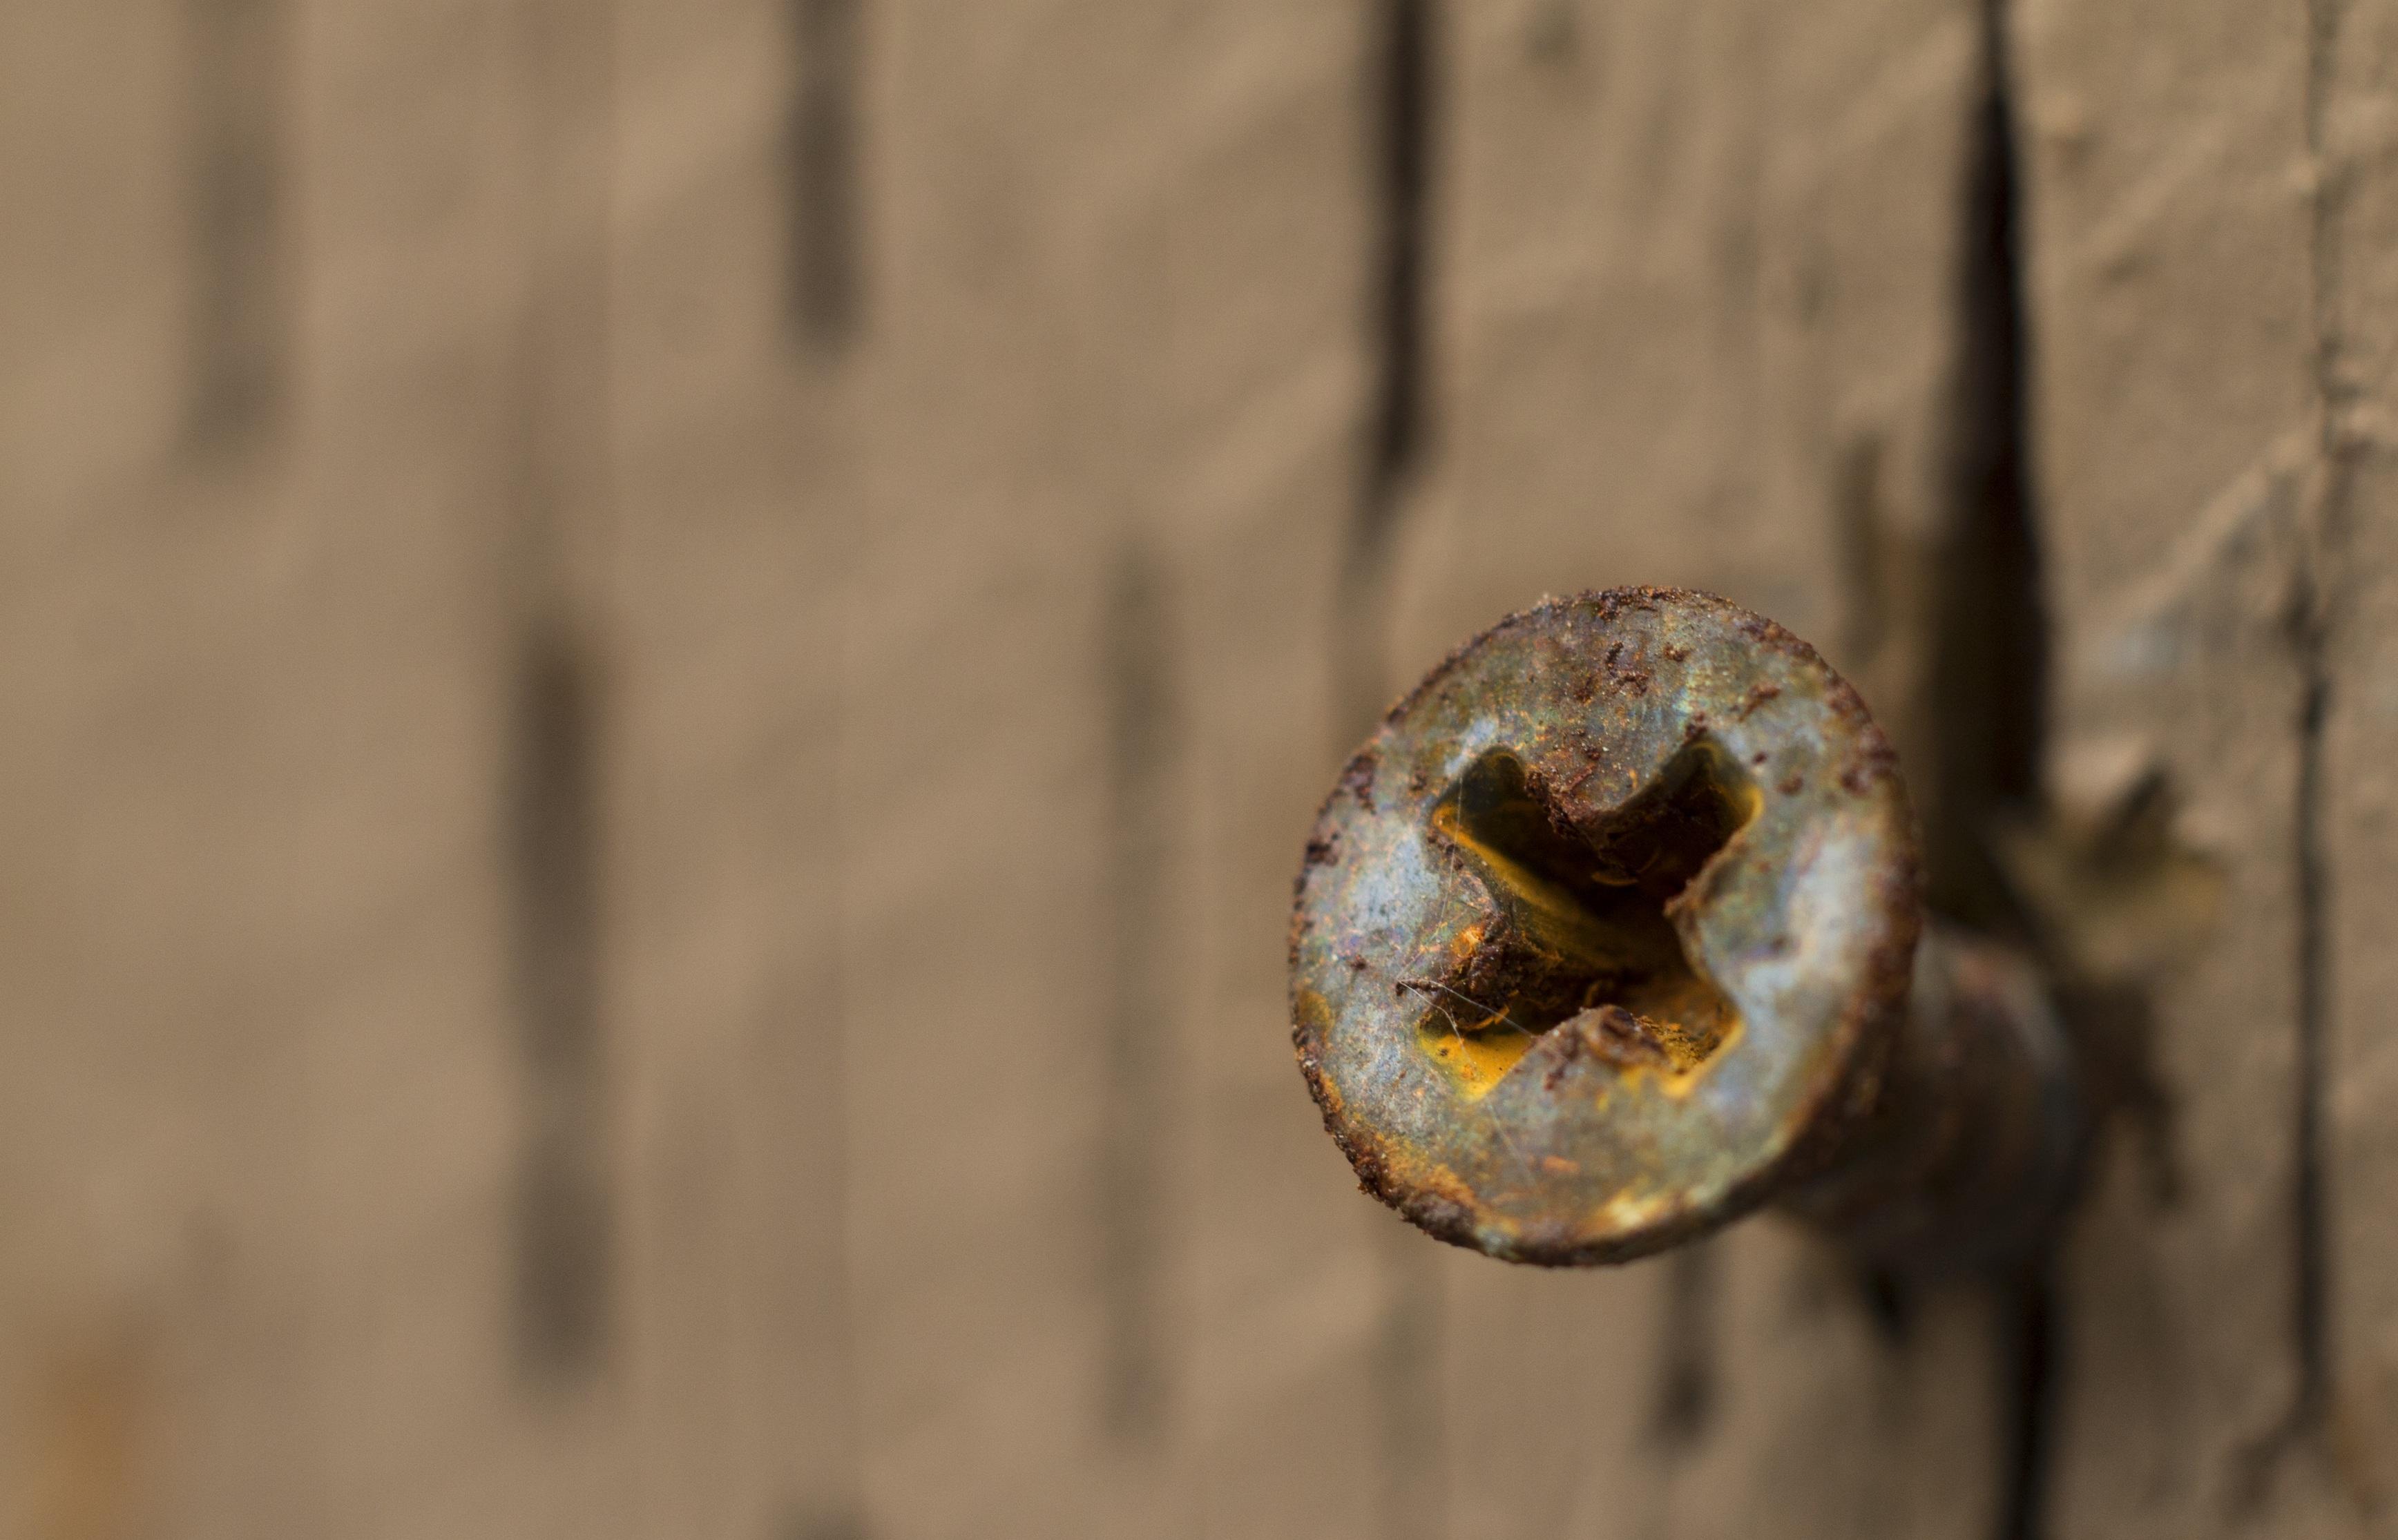 Fotos gratis : rama, fotografía, textura, hoja, flor, acero, metal ...